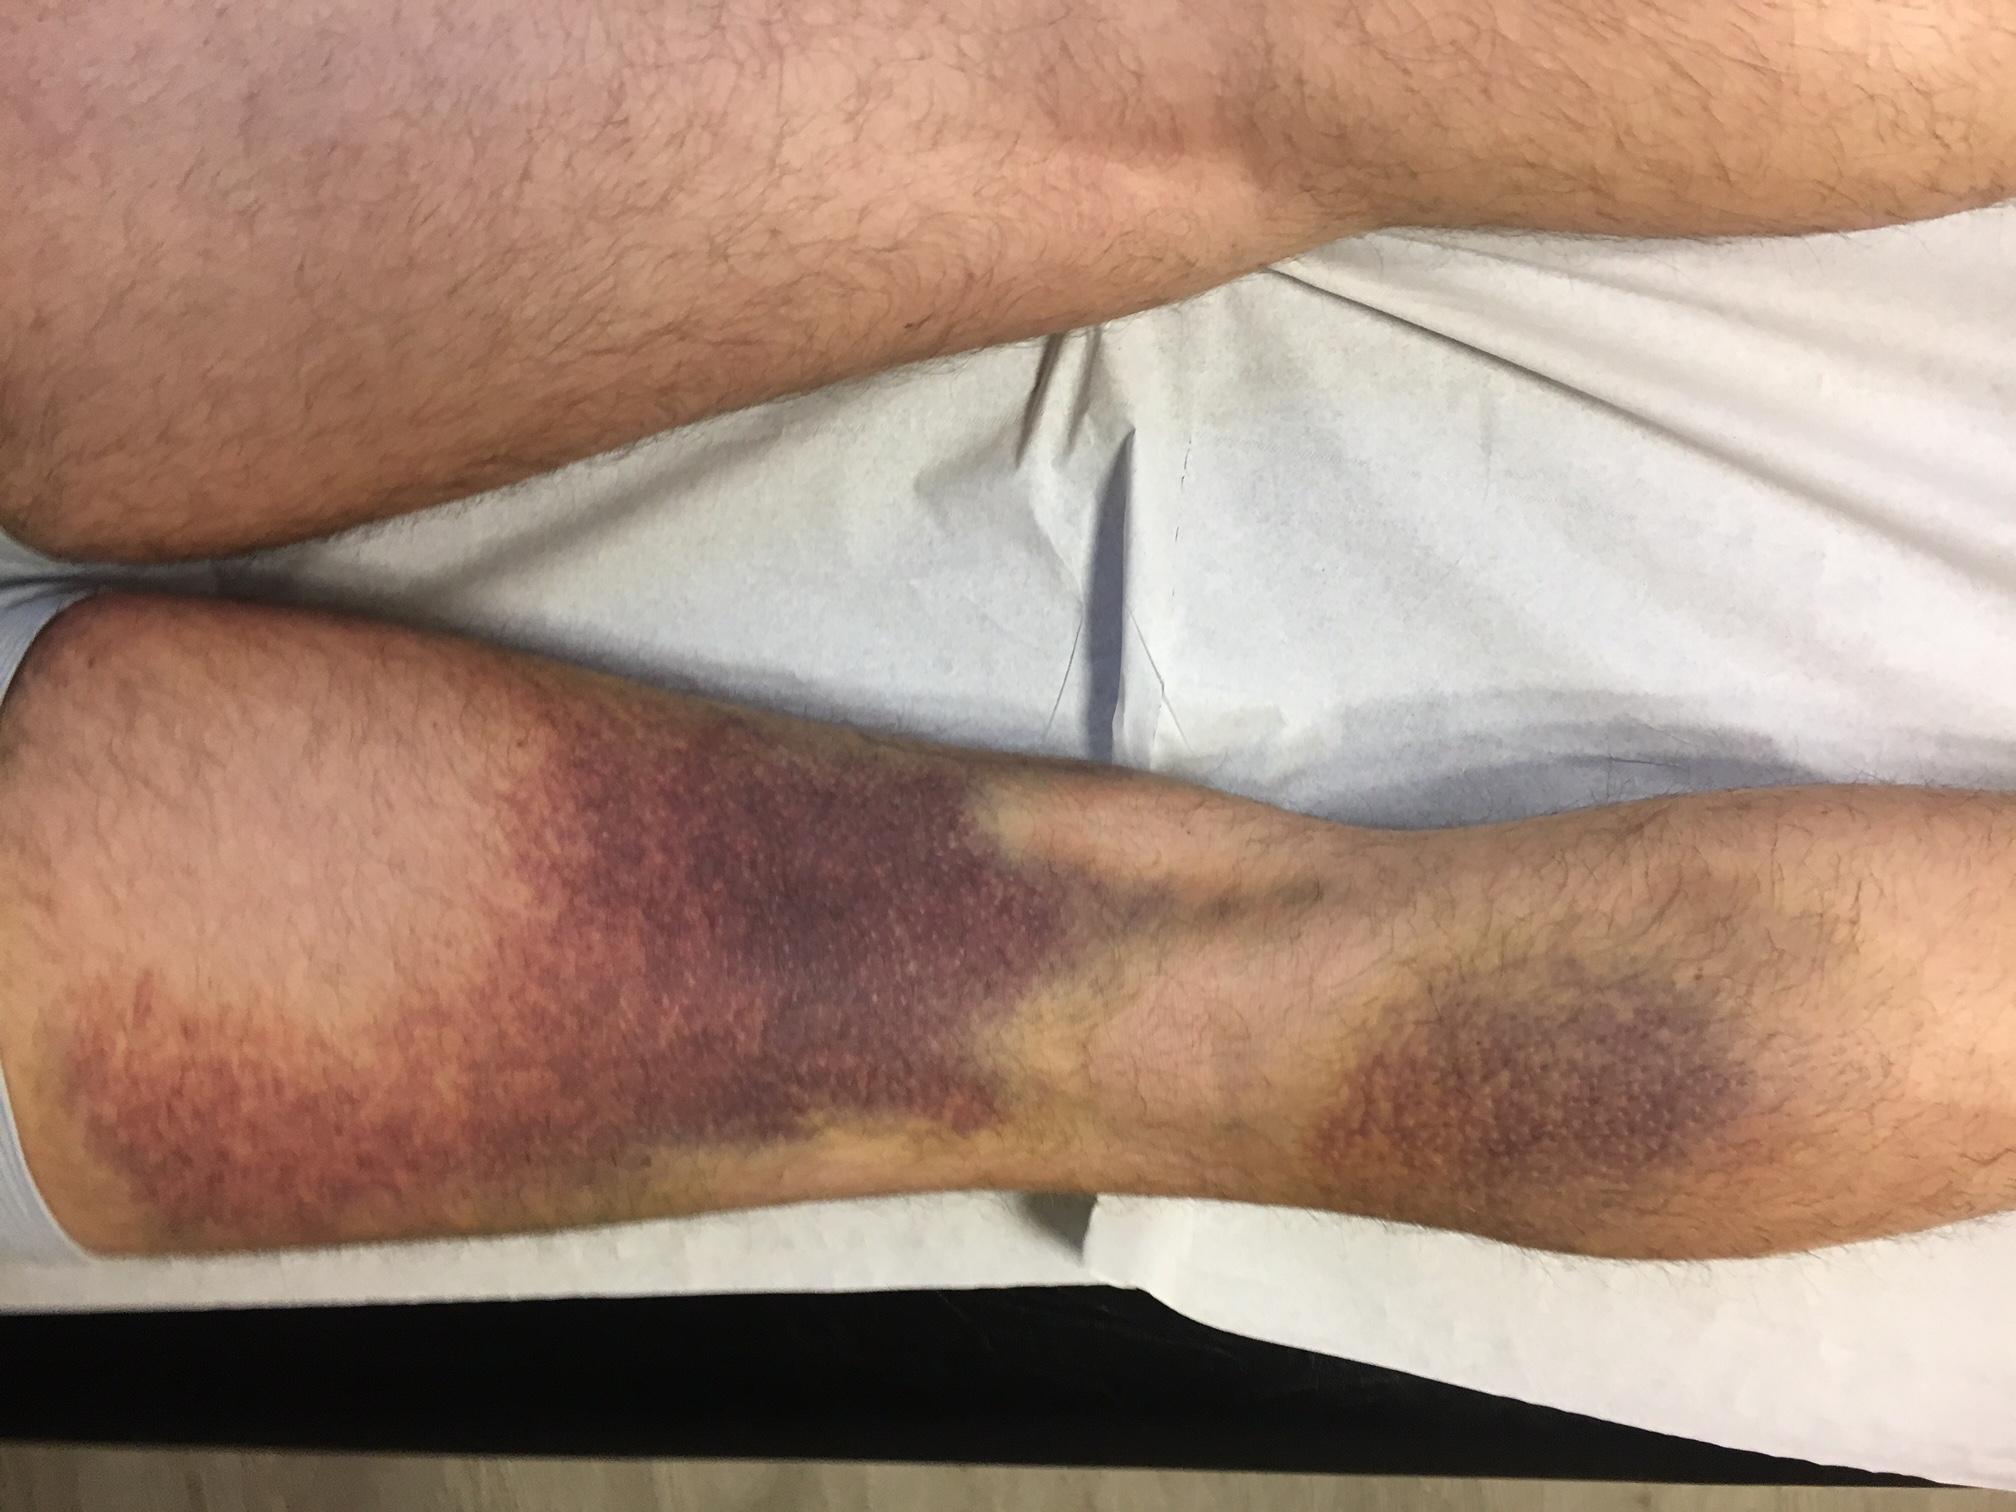 patología - HIP - tendón - Hematoma muslo isquiotibiales ruptura